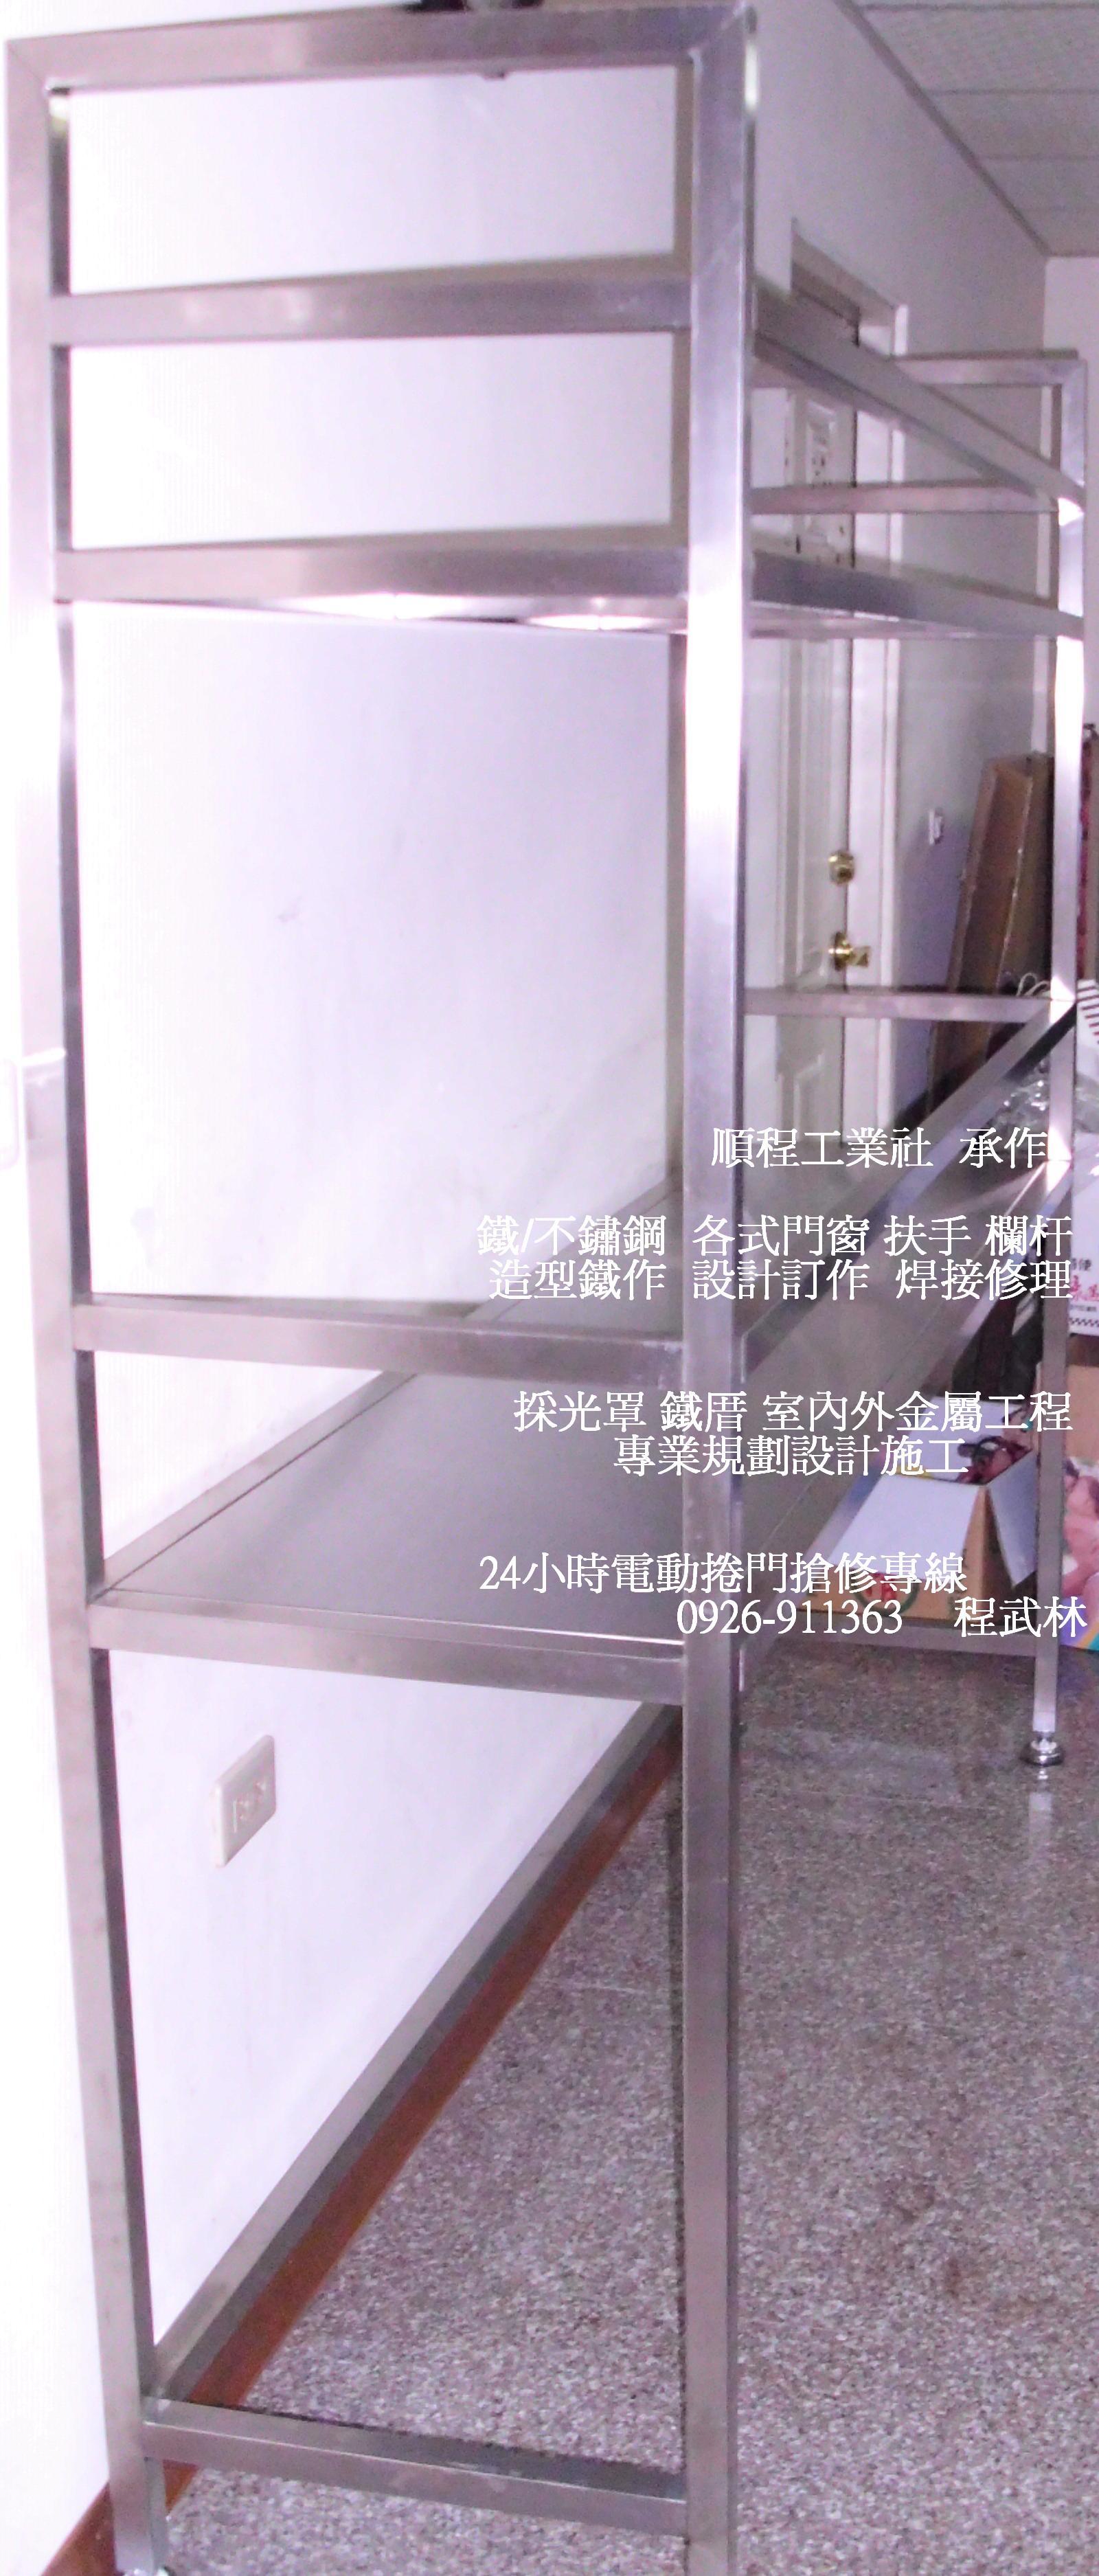 不鏽鋼/造型鐵作鐵架電解或烤漆前半成品